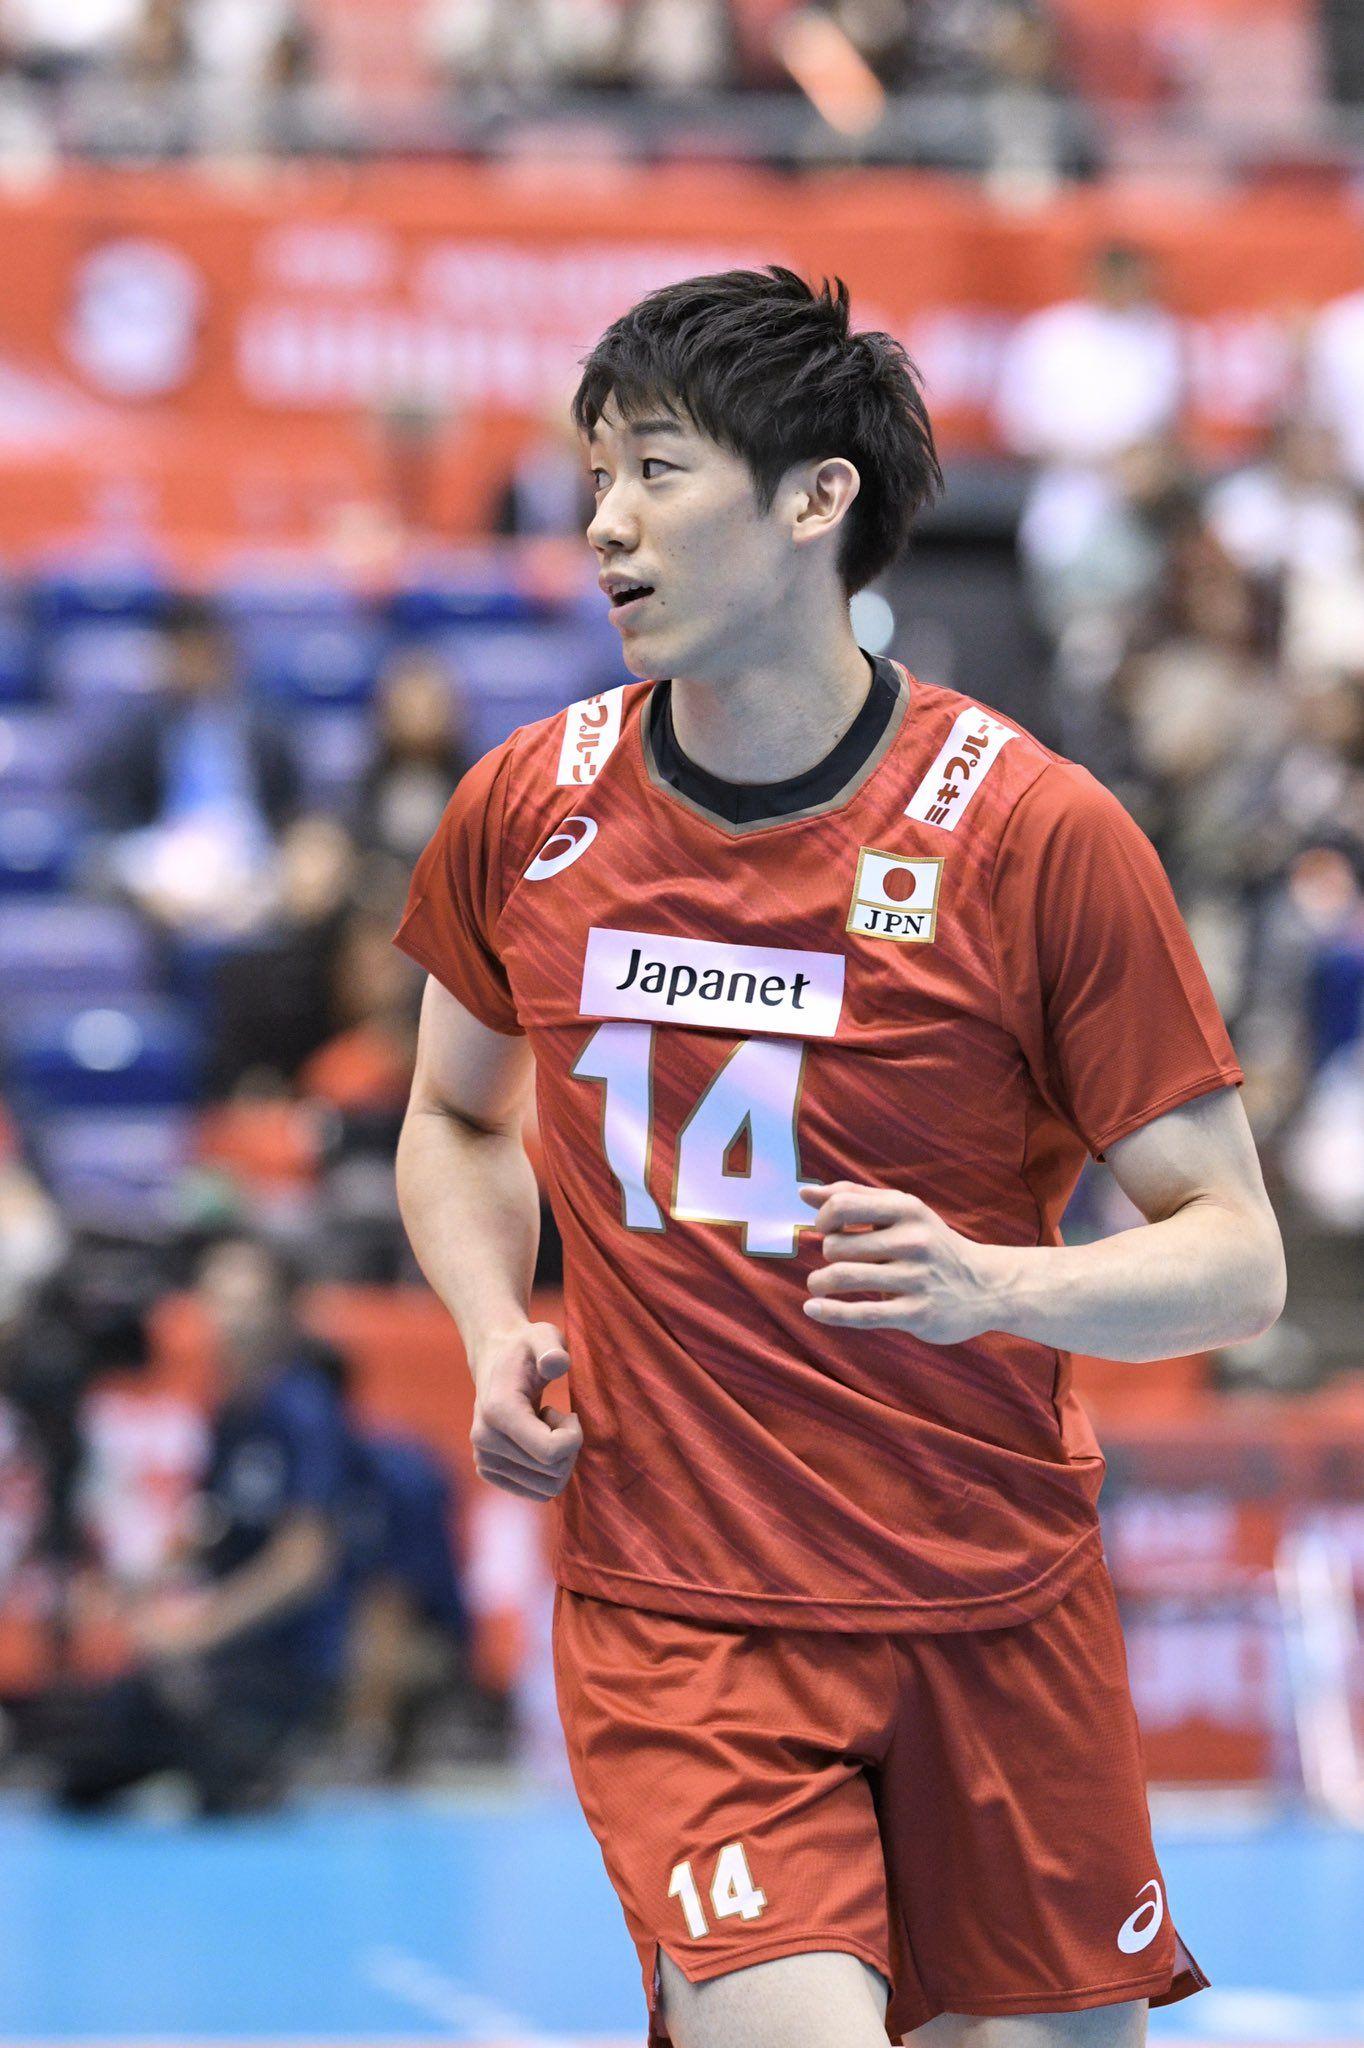 Schokolade S Mserdbeerprinz In 2020 Japan Volleyball Team Female Volleyball Players Volleyball Team